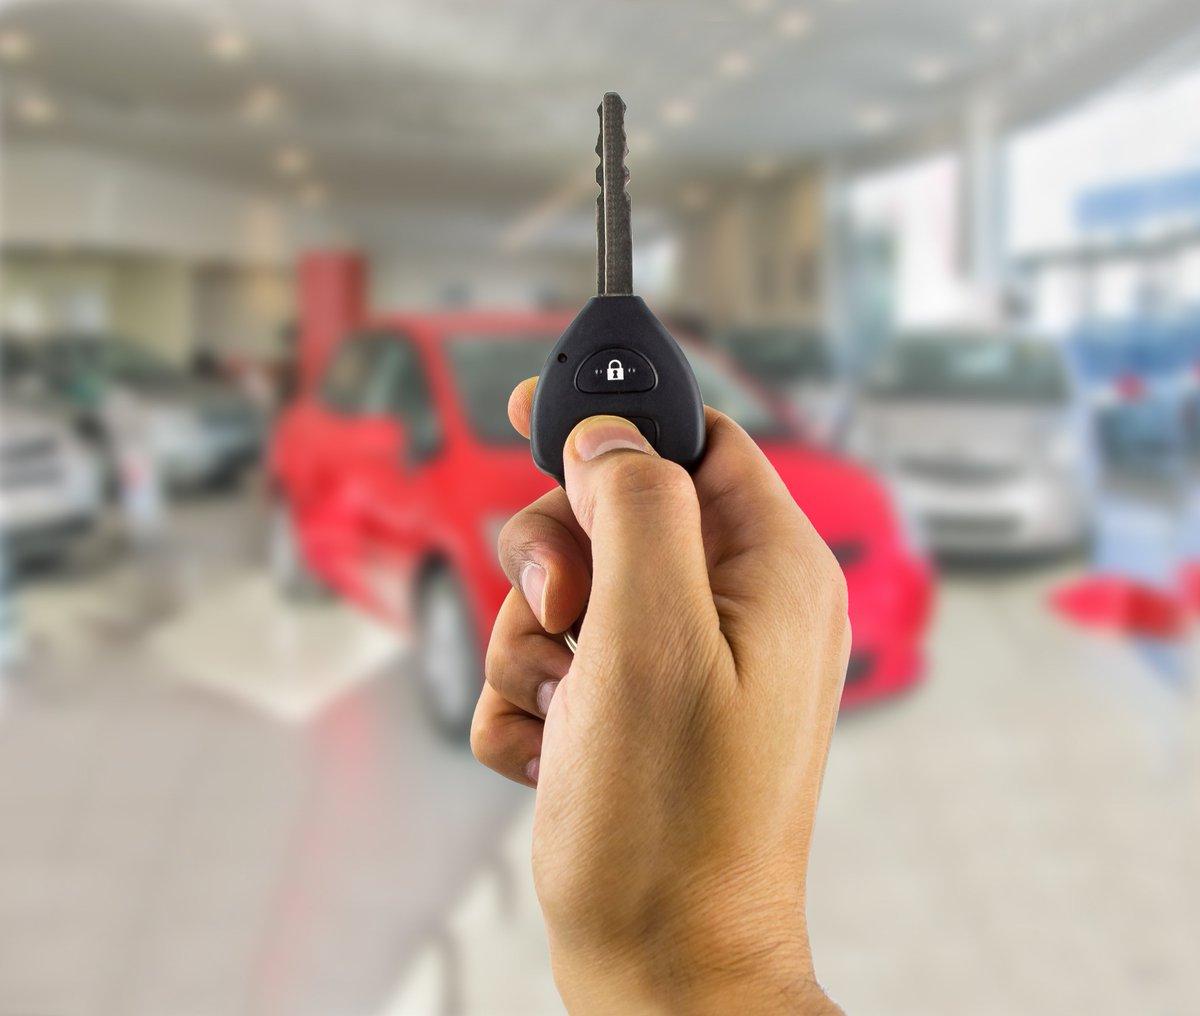 La #SmartMobility pousse les concessionnaires à se réinventer  http:// bit.ly/2l1Twmb  &nbsp;   #SmartCity #Innovation #Infographics  <br>http://pic.twitter.com/ZWEbcZlEXP